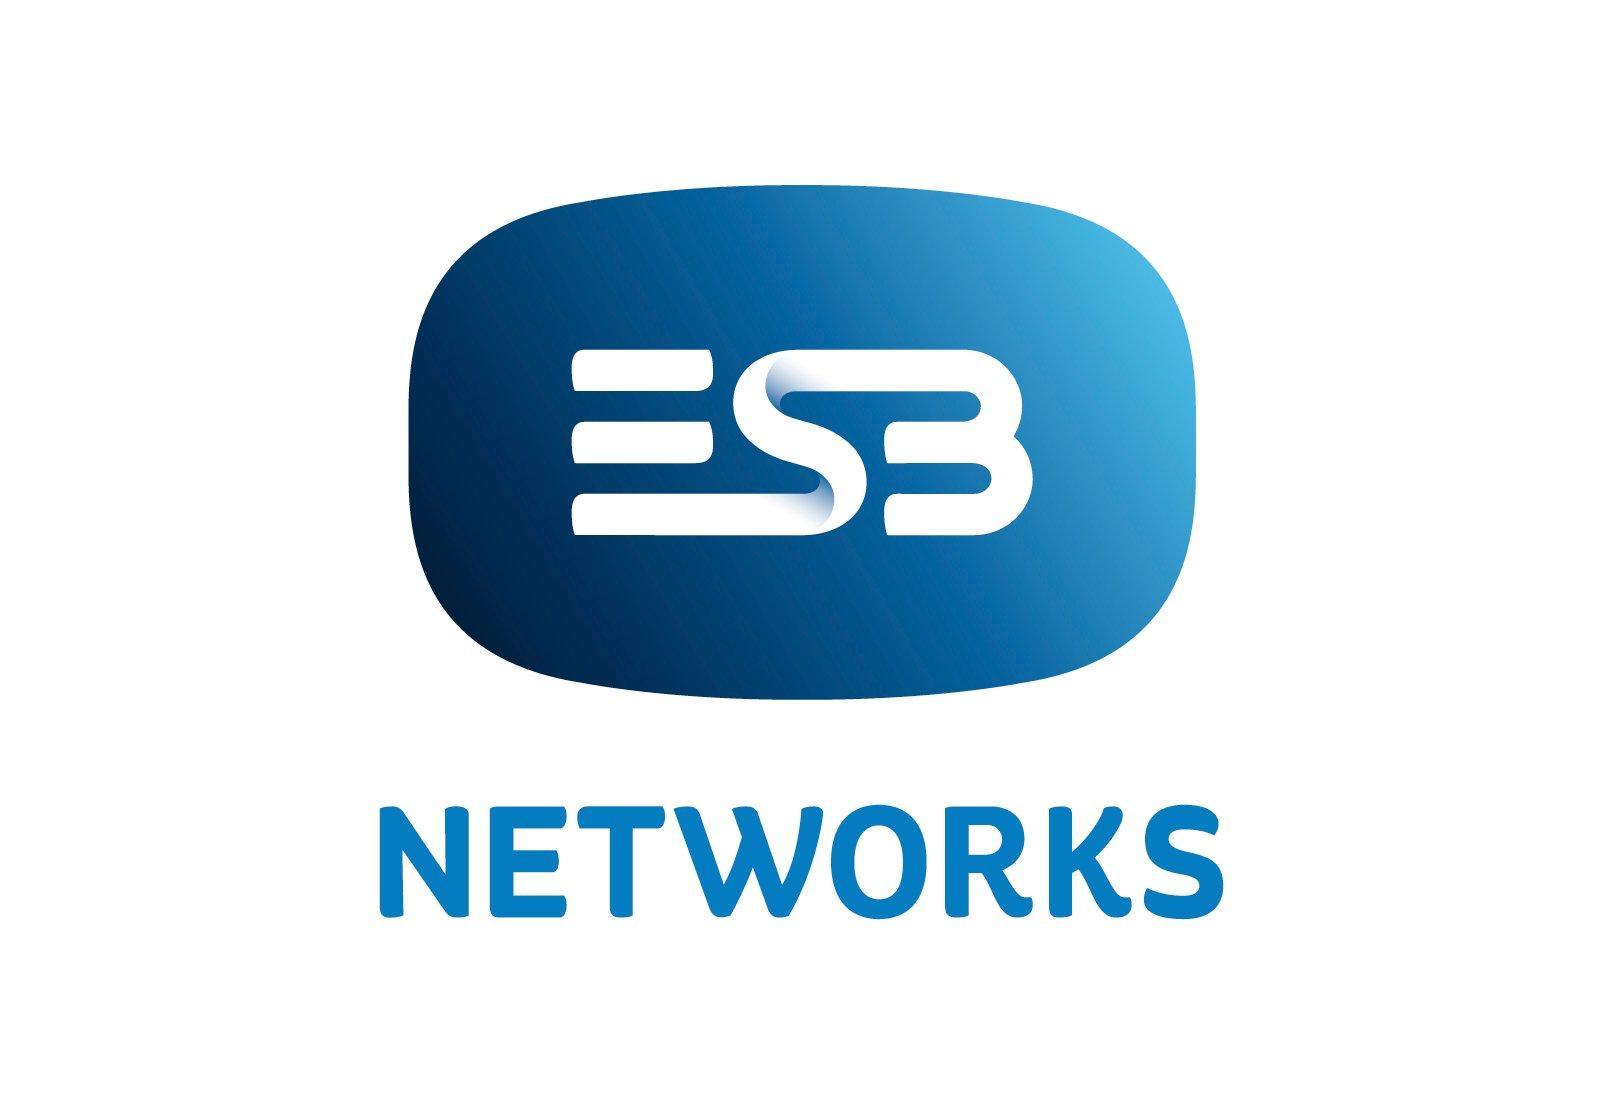 Charge card logo of ESB E-card